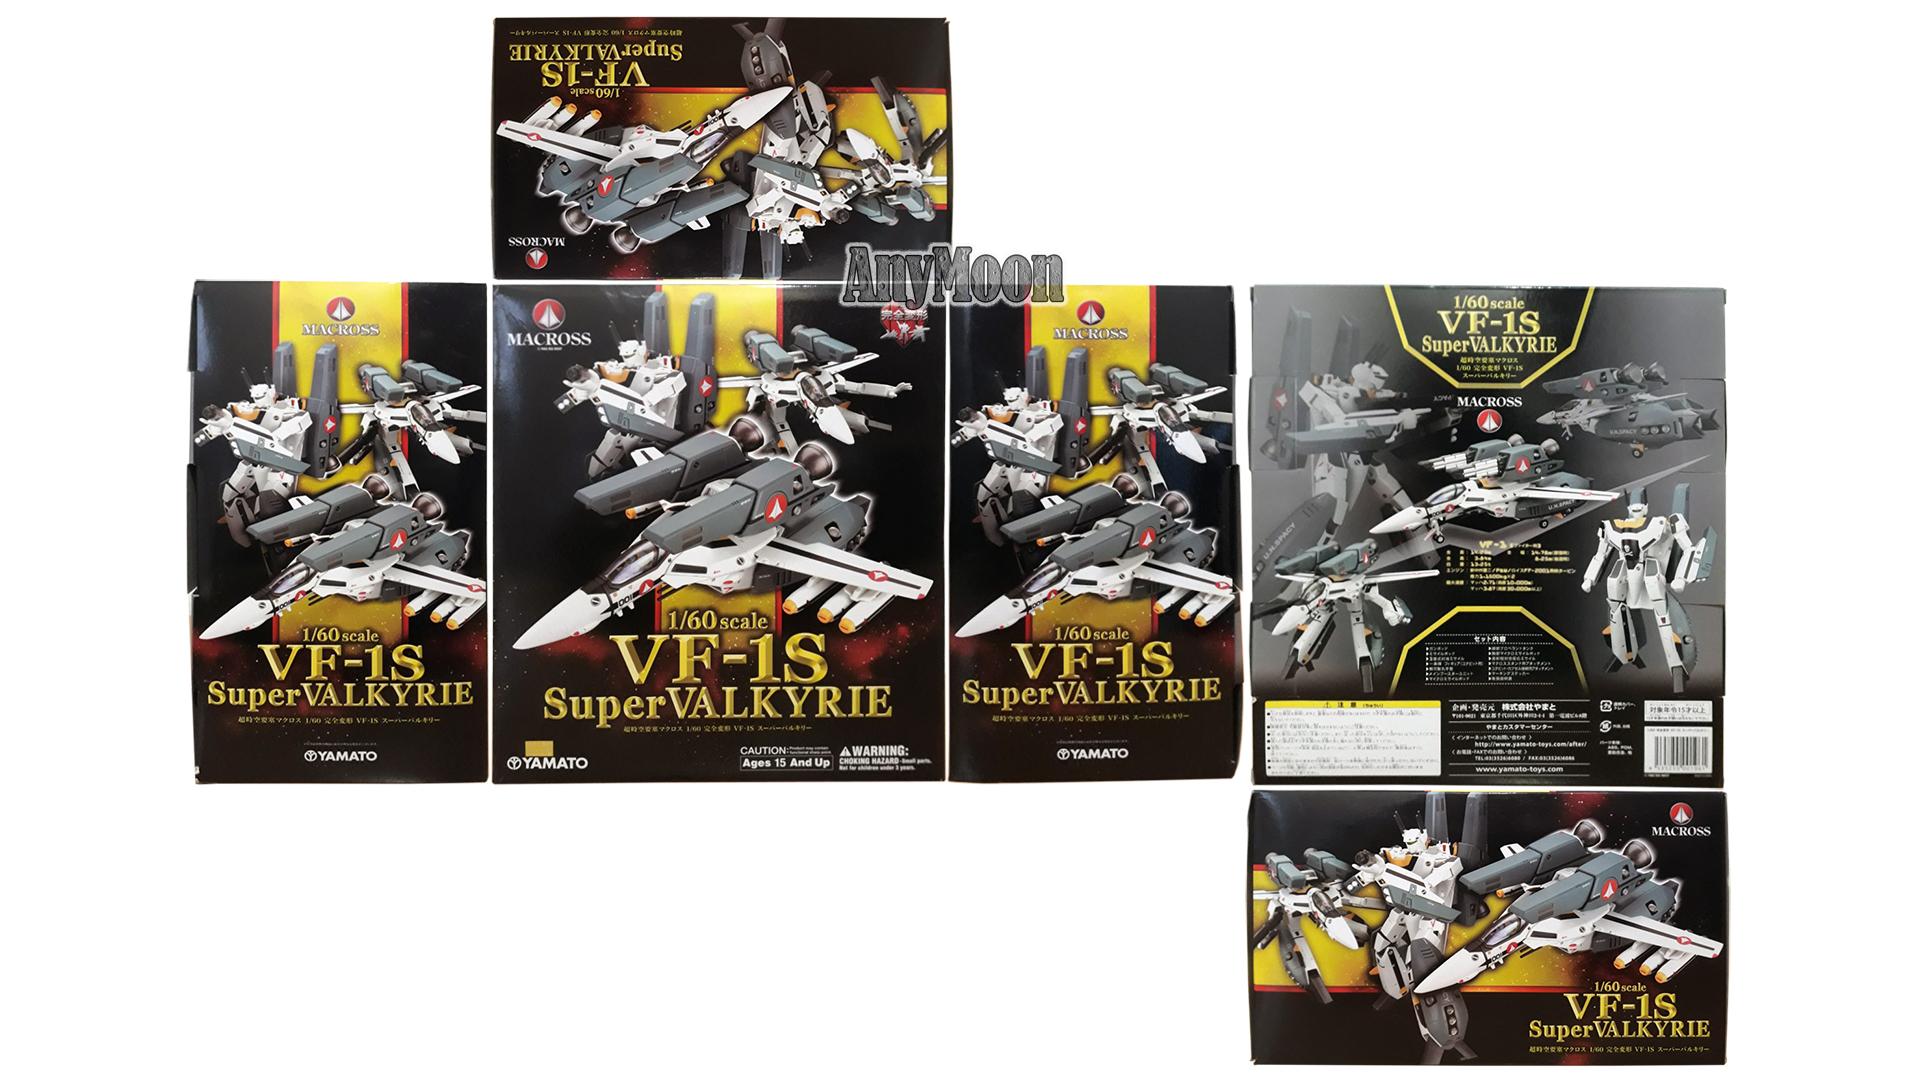 8-Yamato-V2-Super-VF-1S-Focker-TV-1.jpg